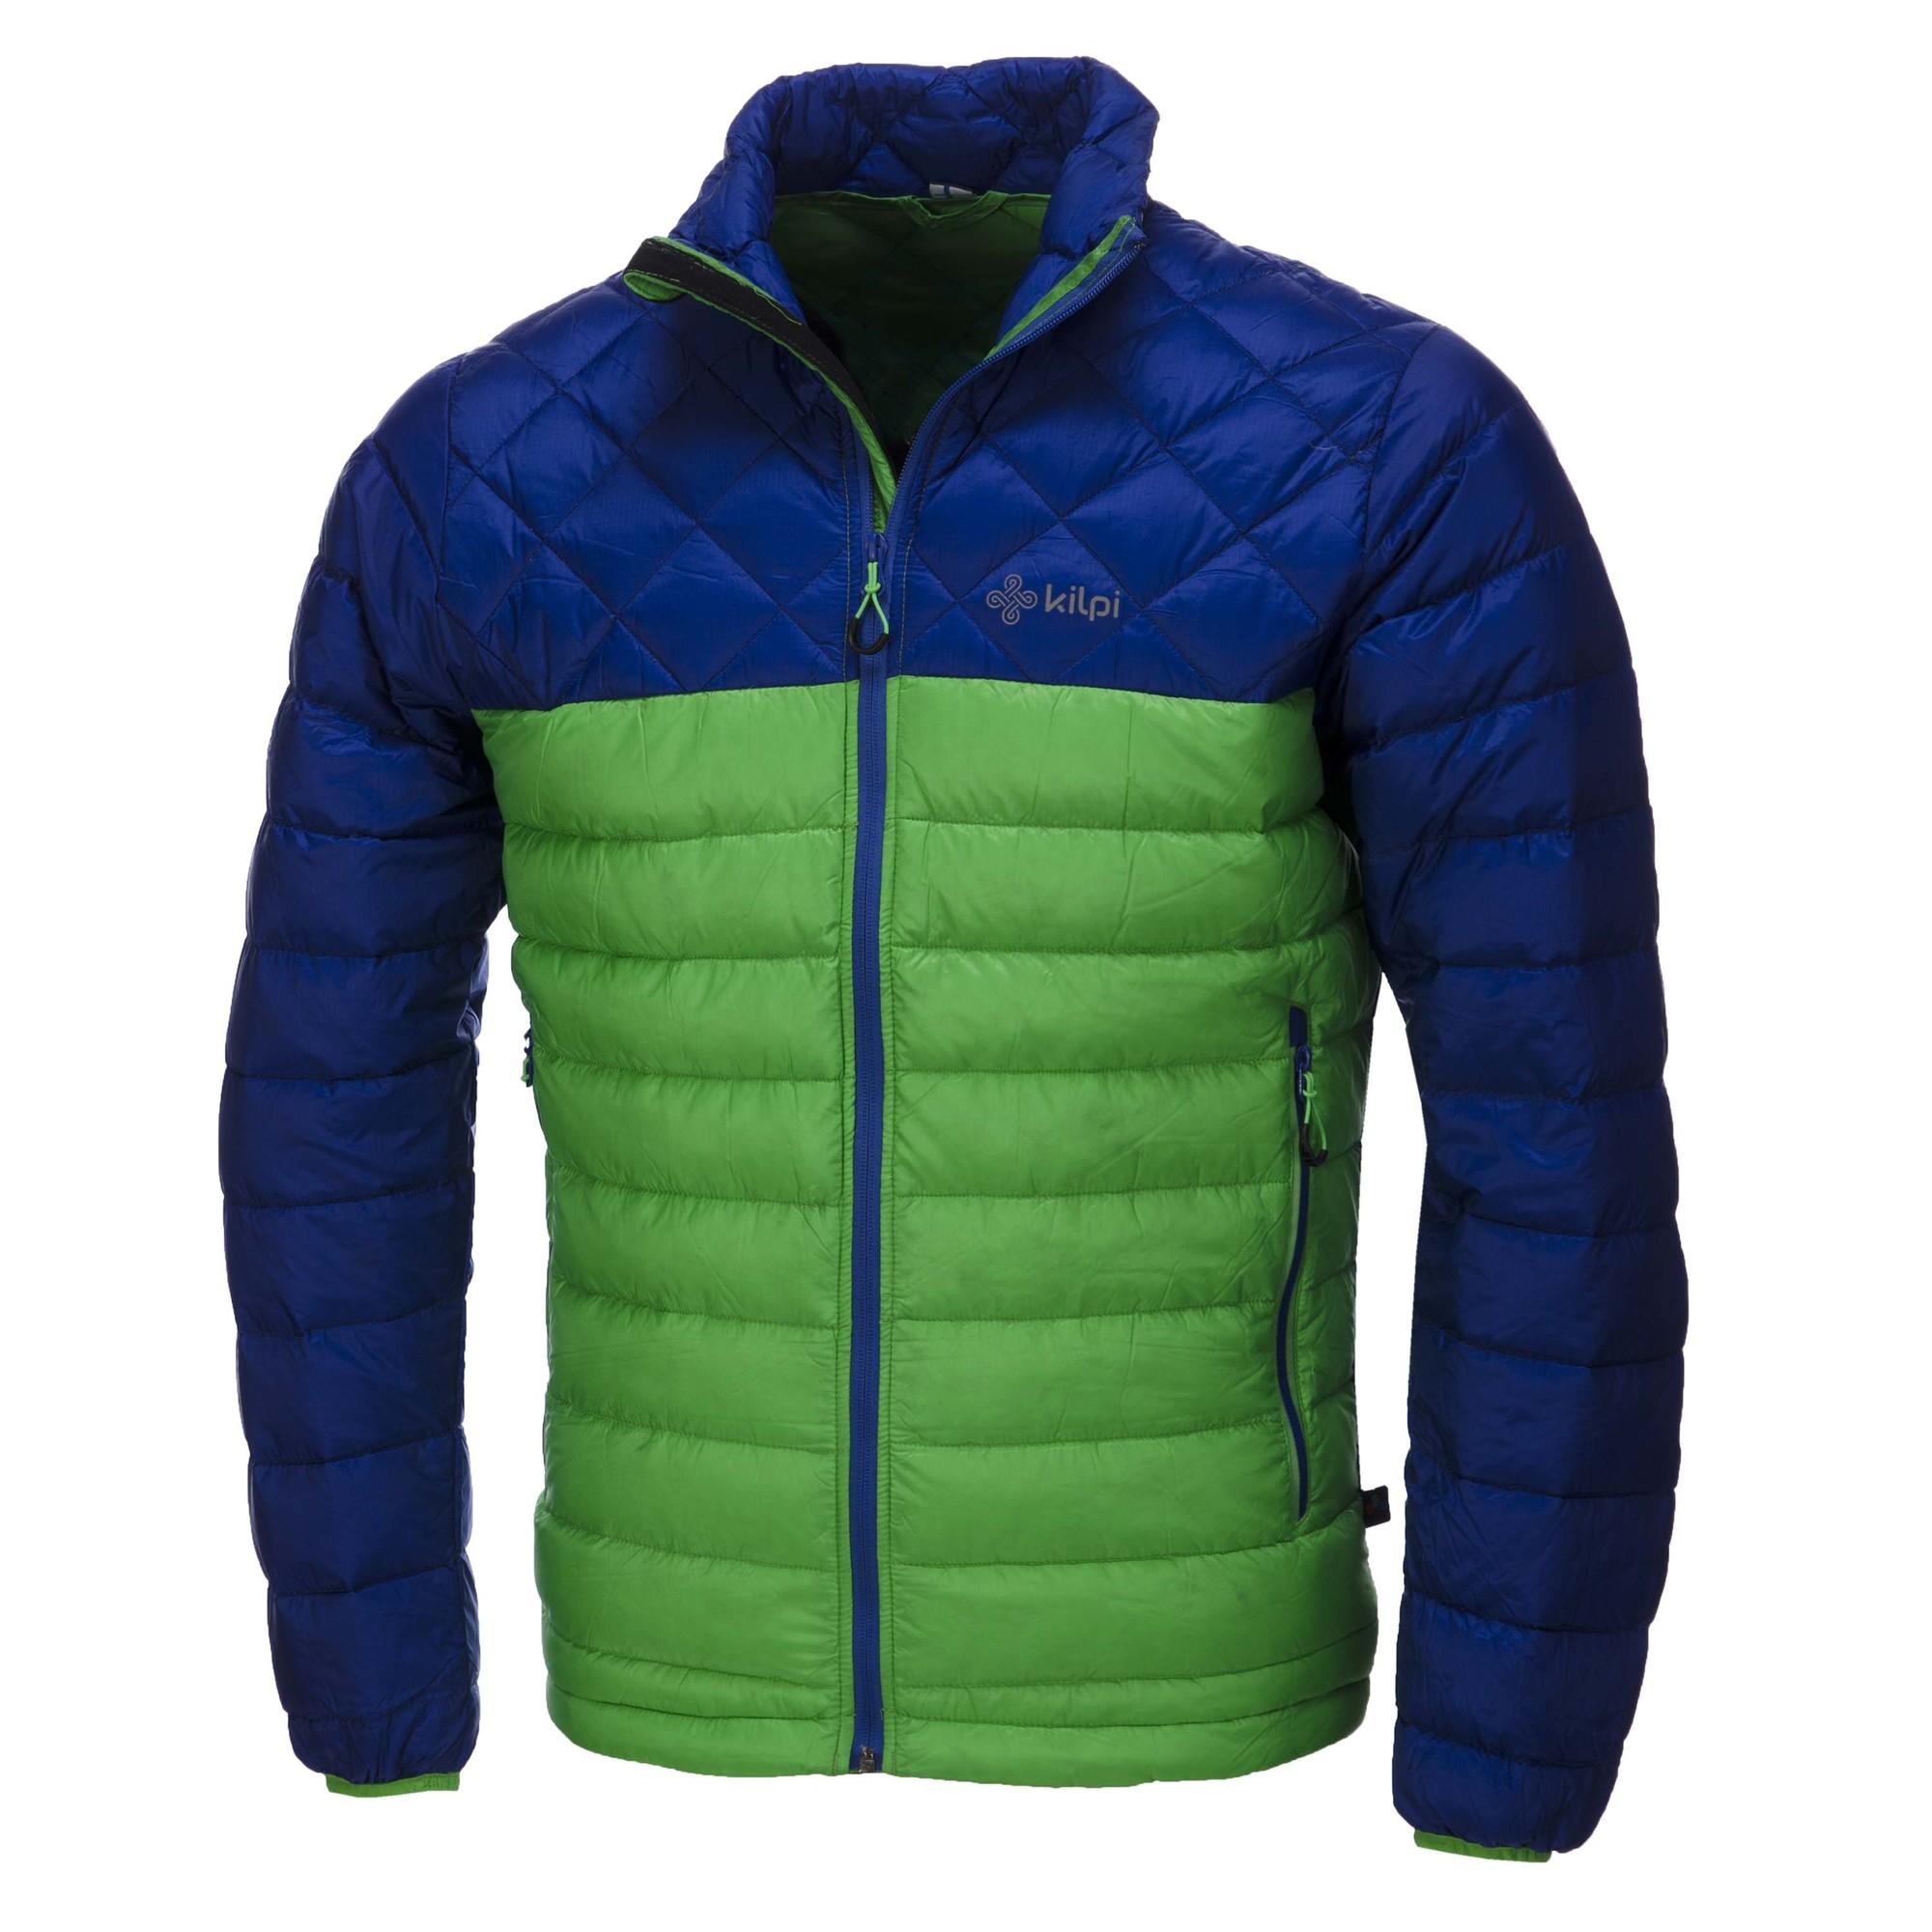 kilpi io kurtka narciarska męska niebiesko-zielona